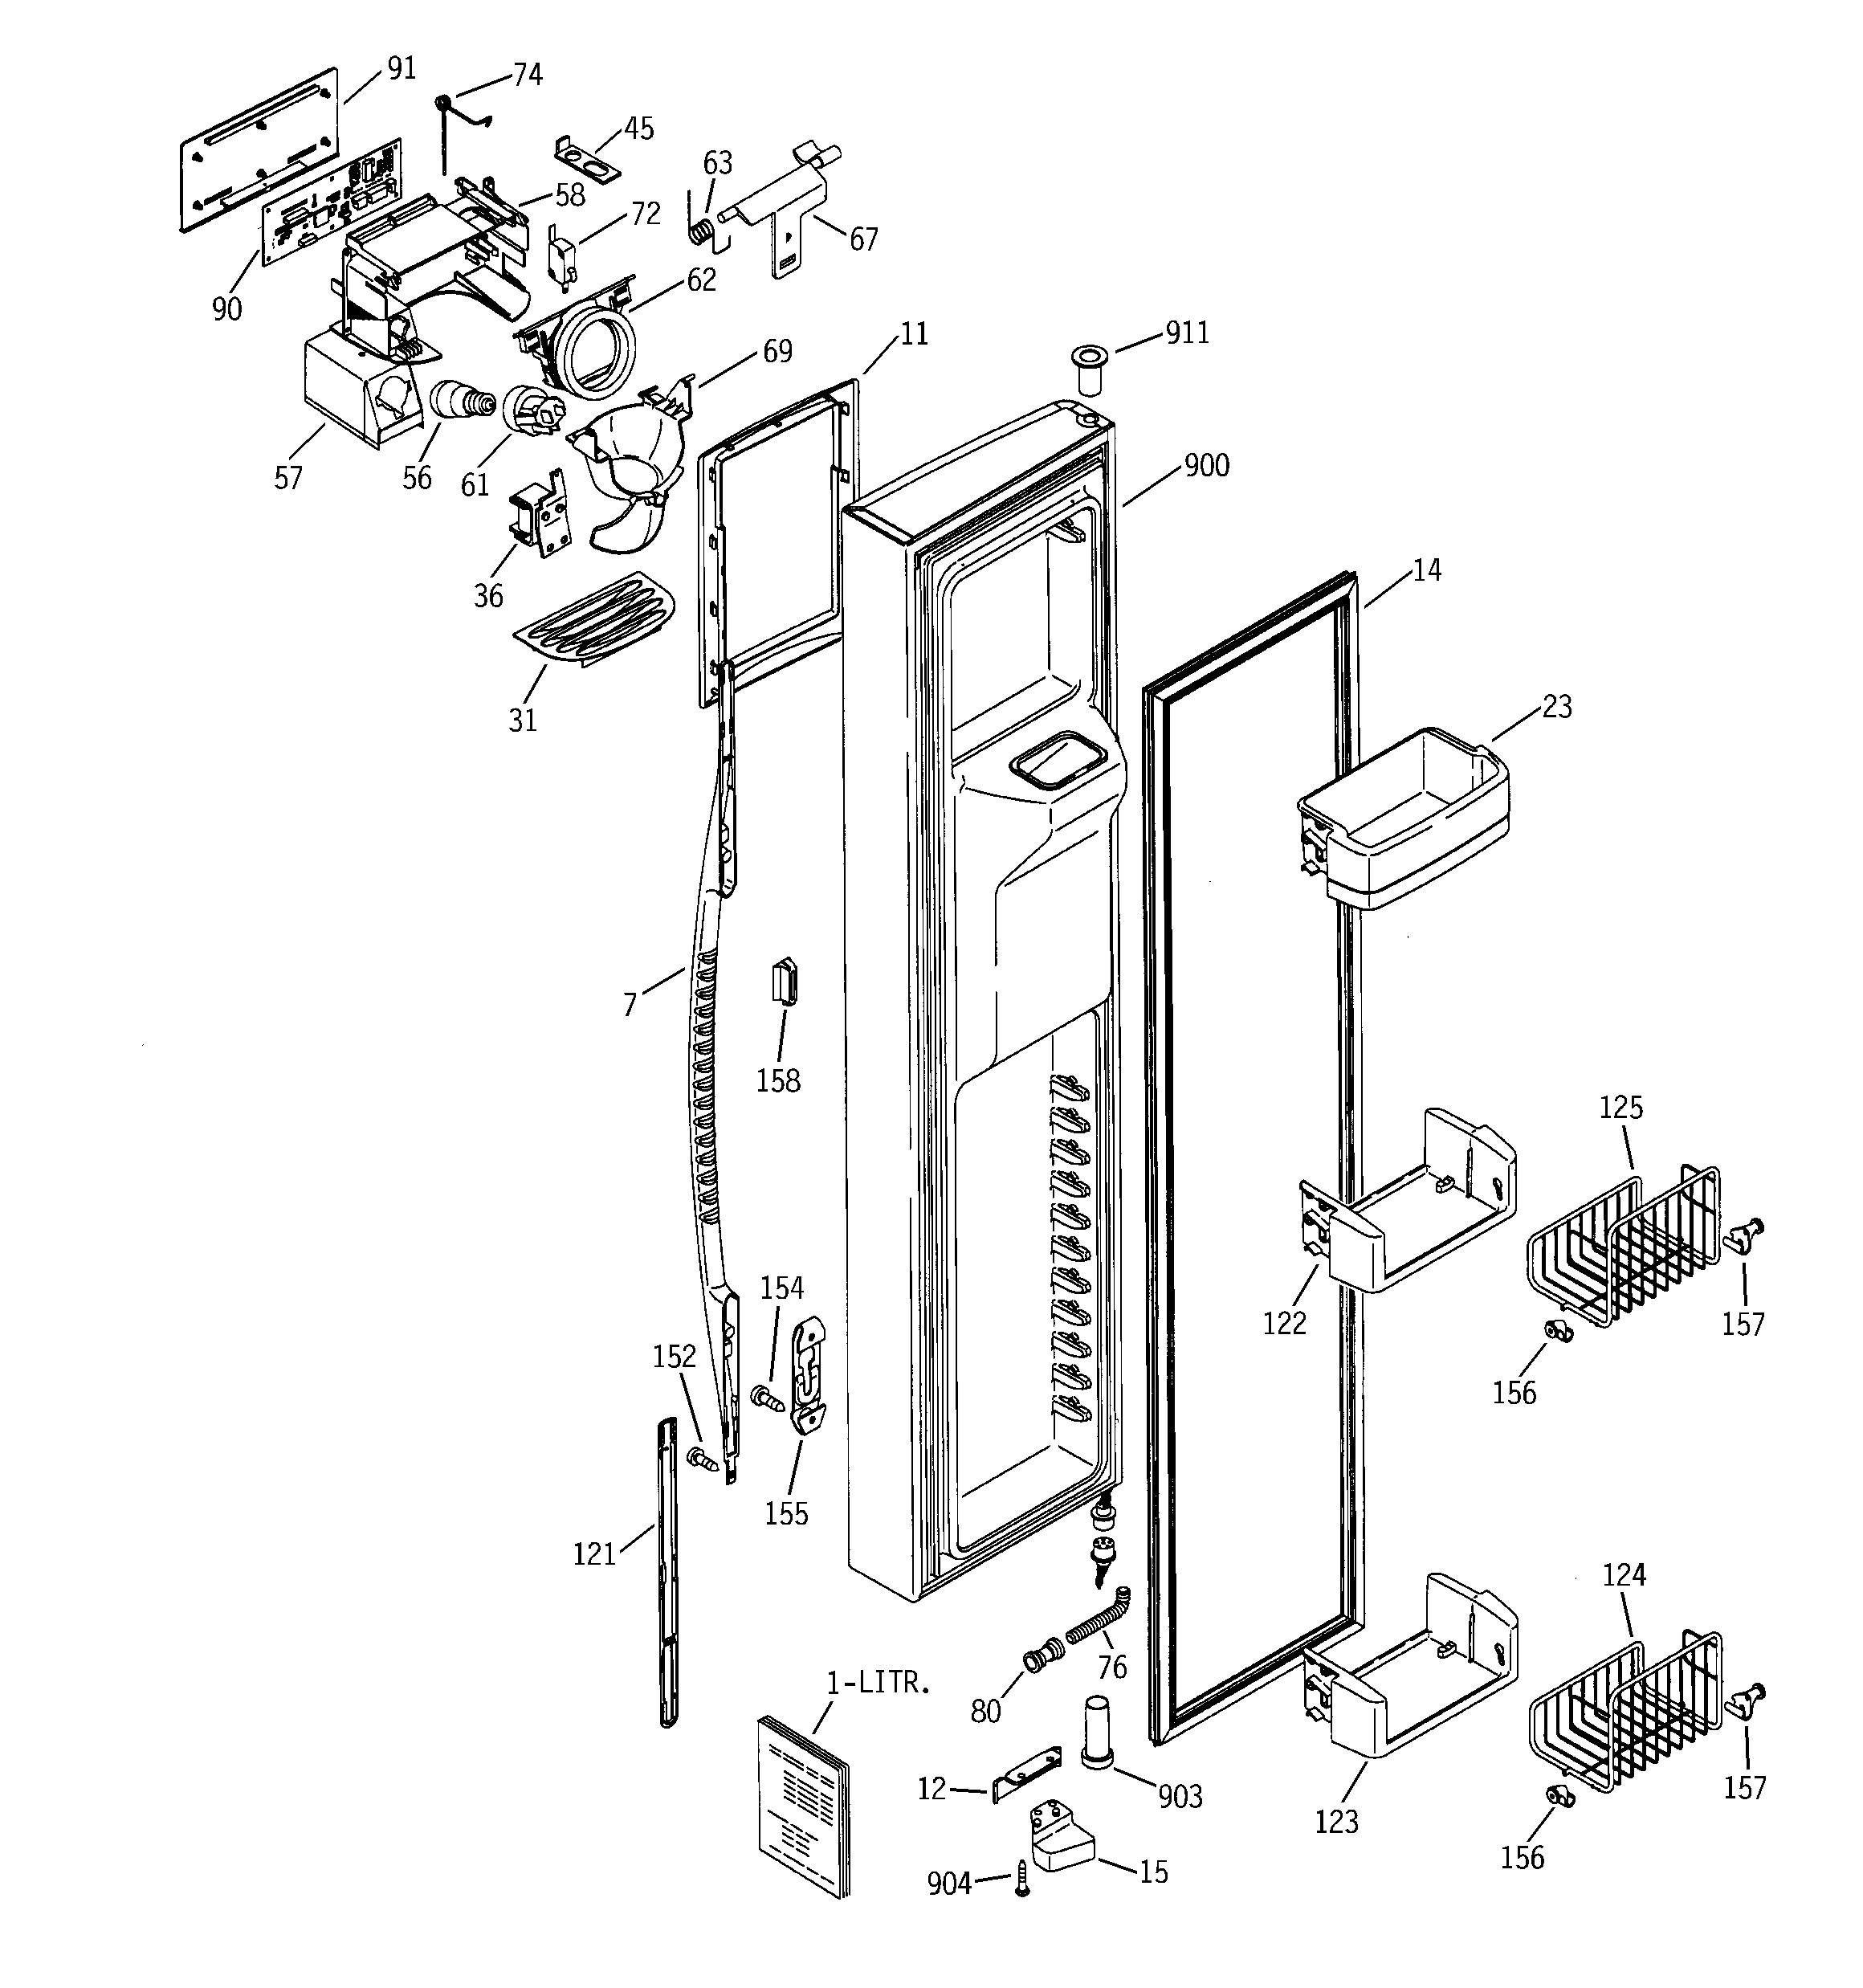 ge profile range wiring diagram bw 8504  parts diagram on ge profile top freezer refrigerator  parts diagram on ge profile top freezer